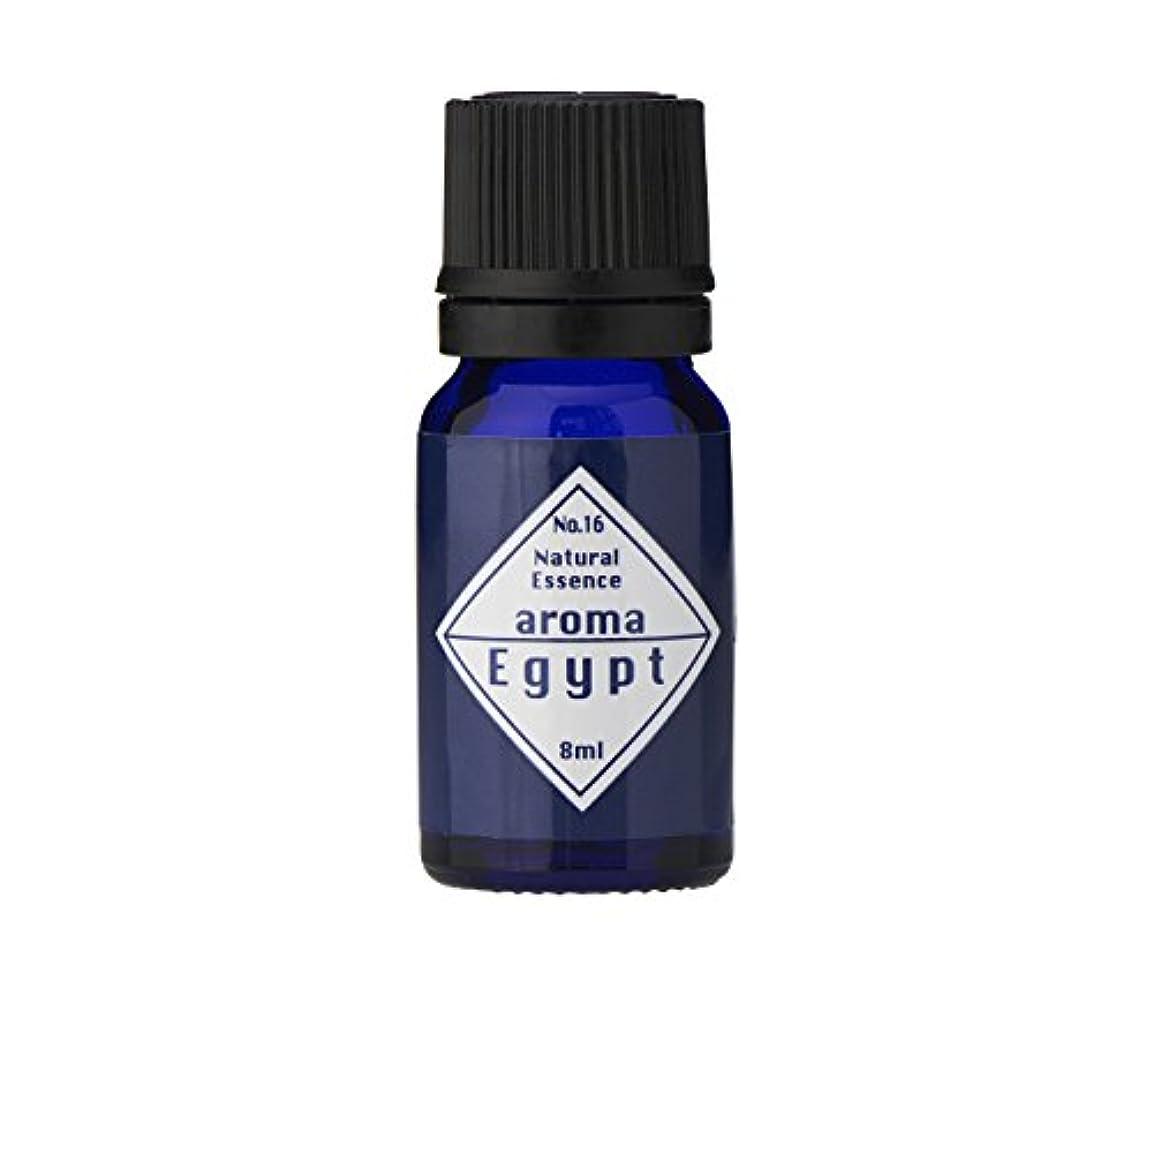 ブルーラベル アロマエッセンス8ml エジプト(アロマオイル 調合香料 芳香用)